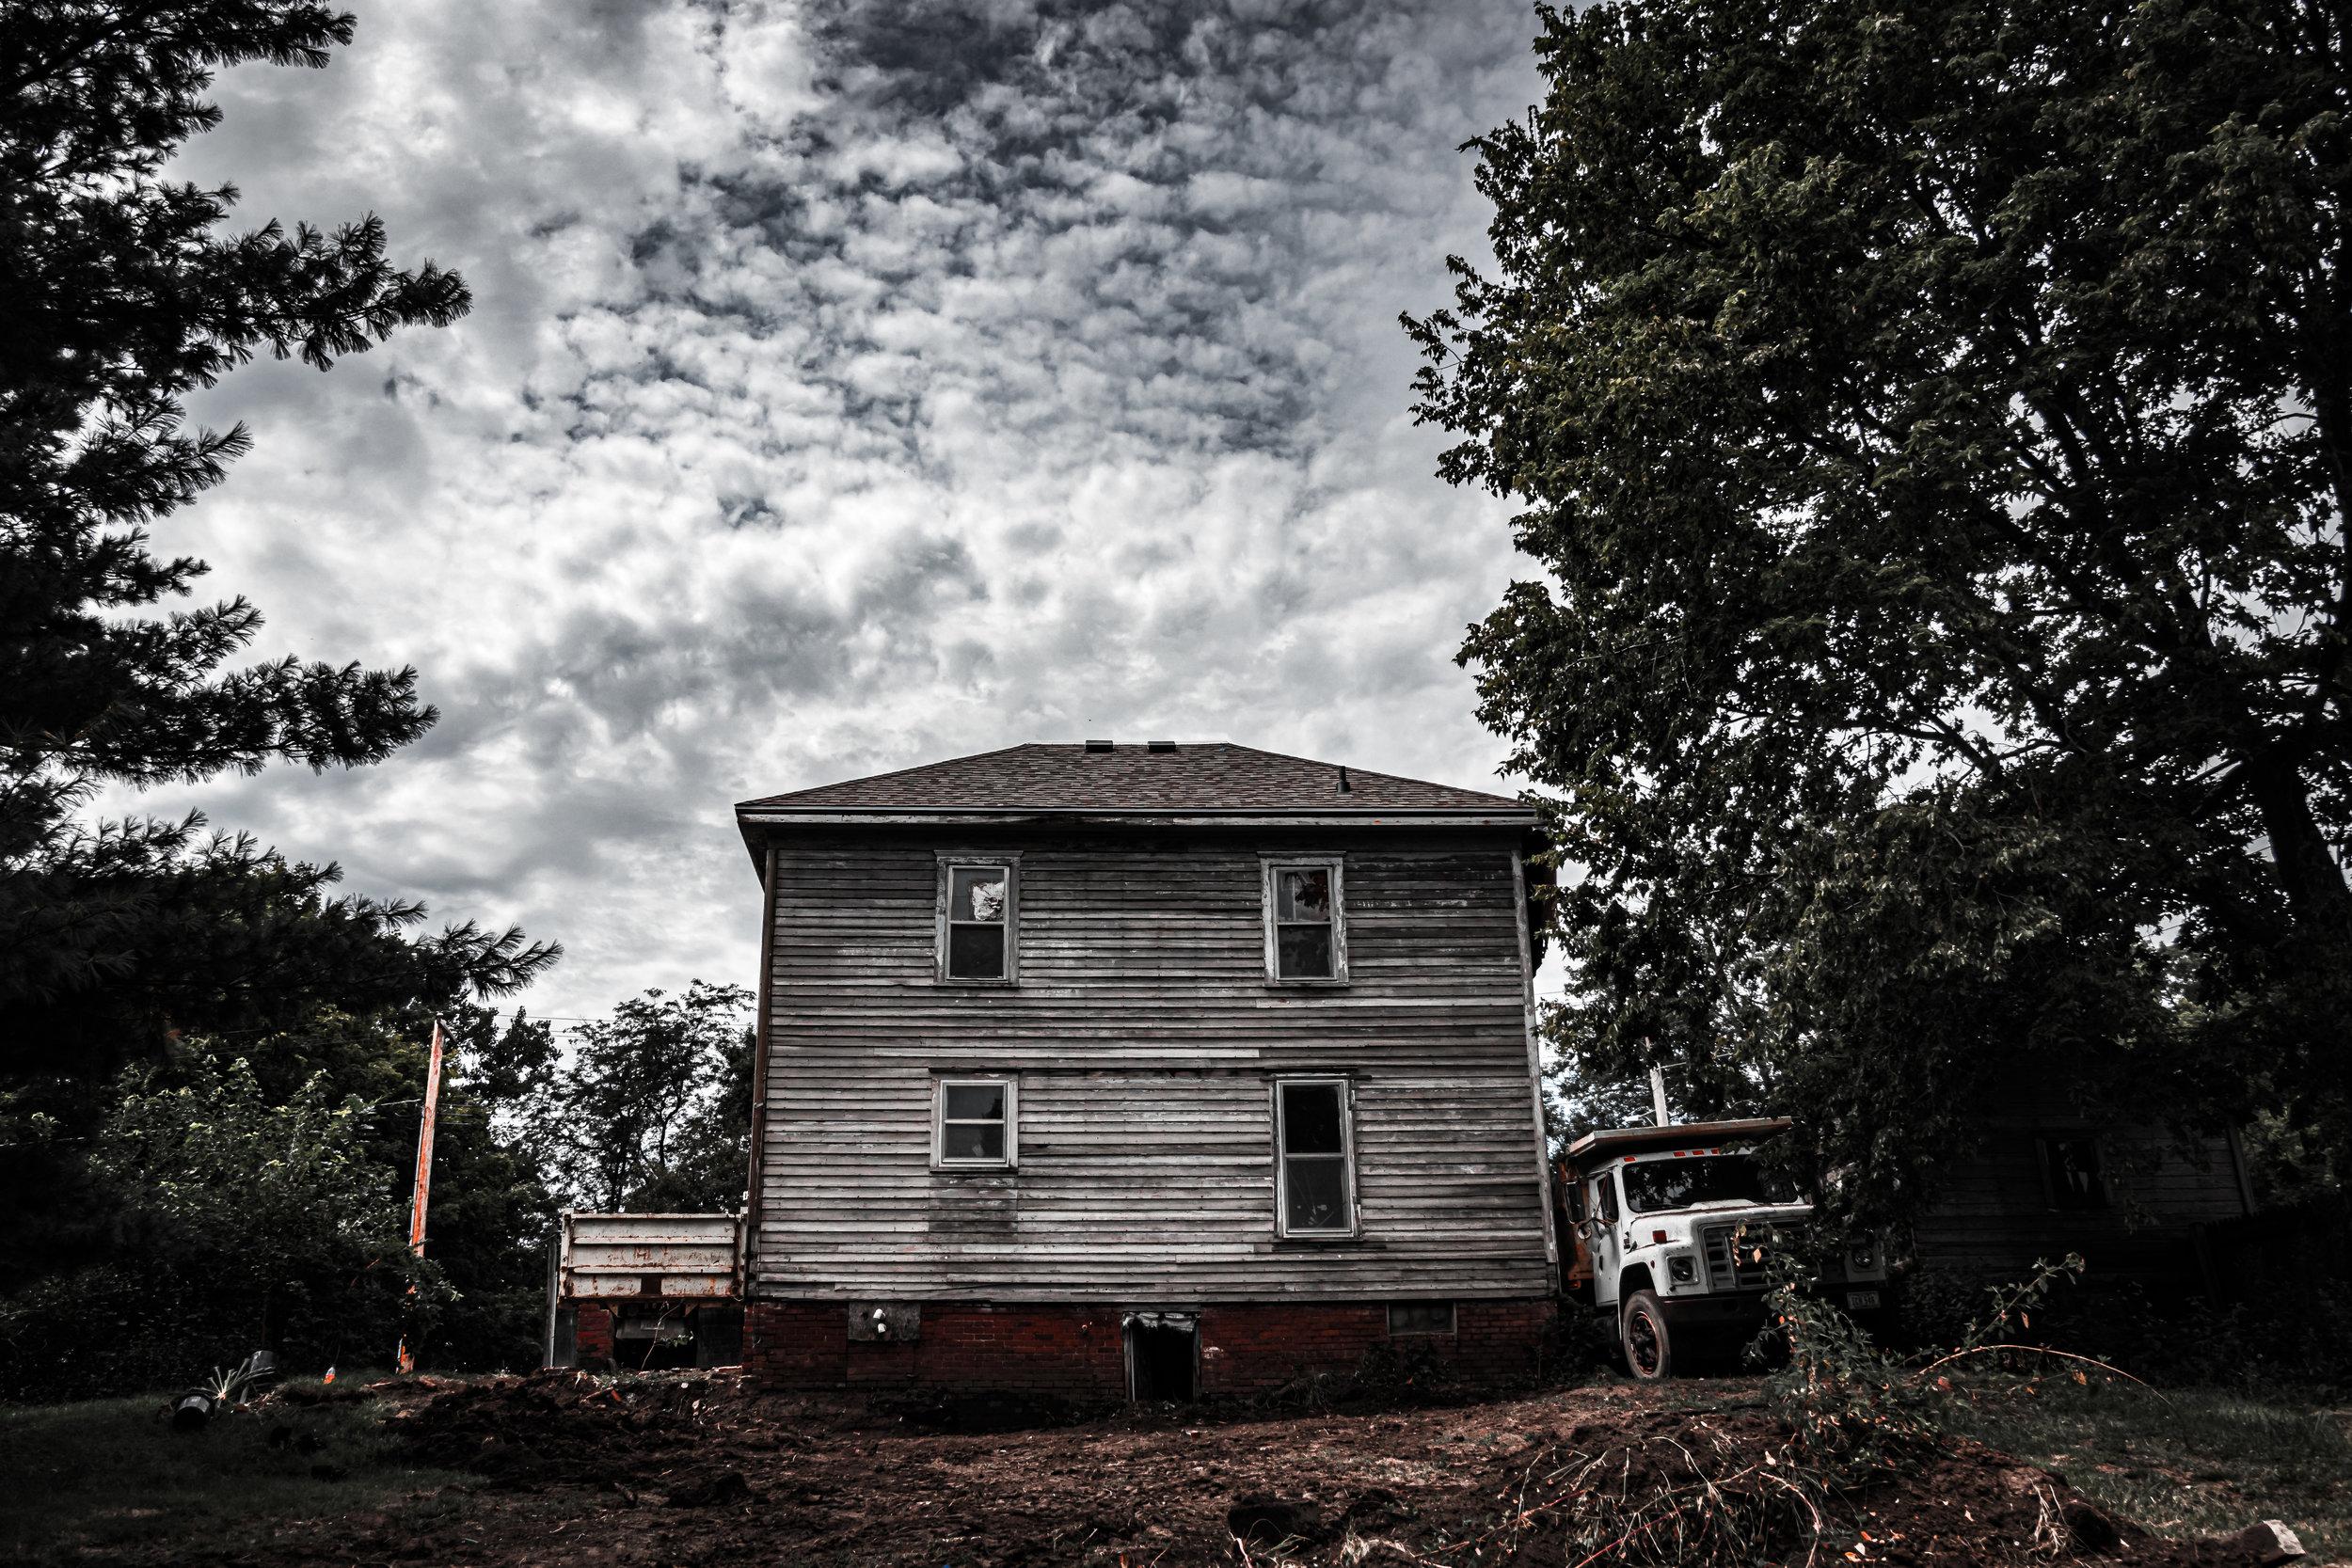 - Schafer Roofing